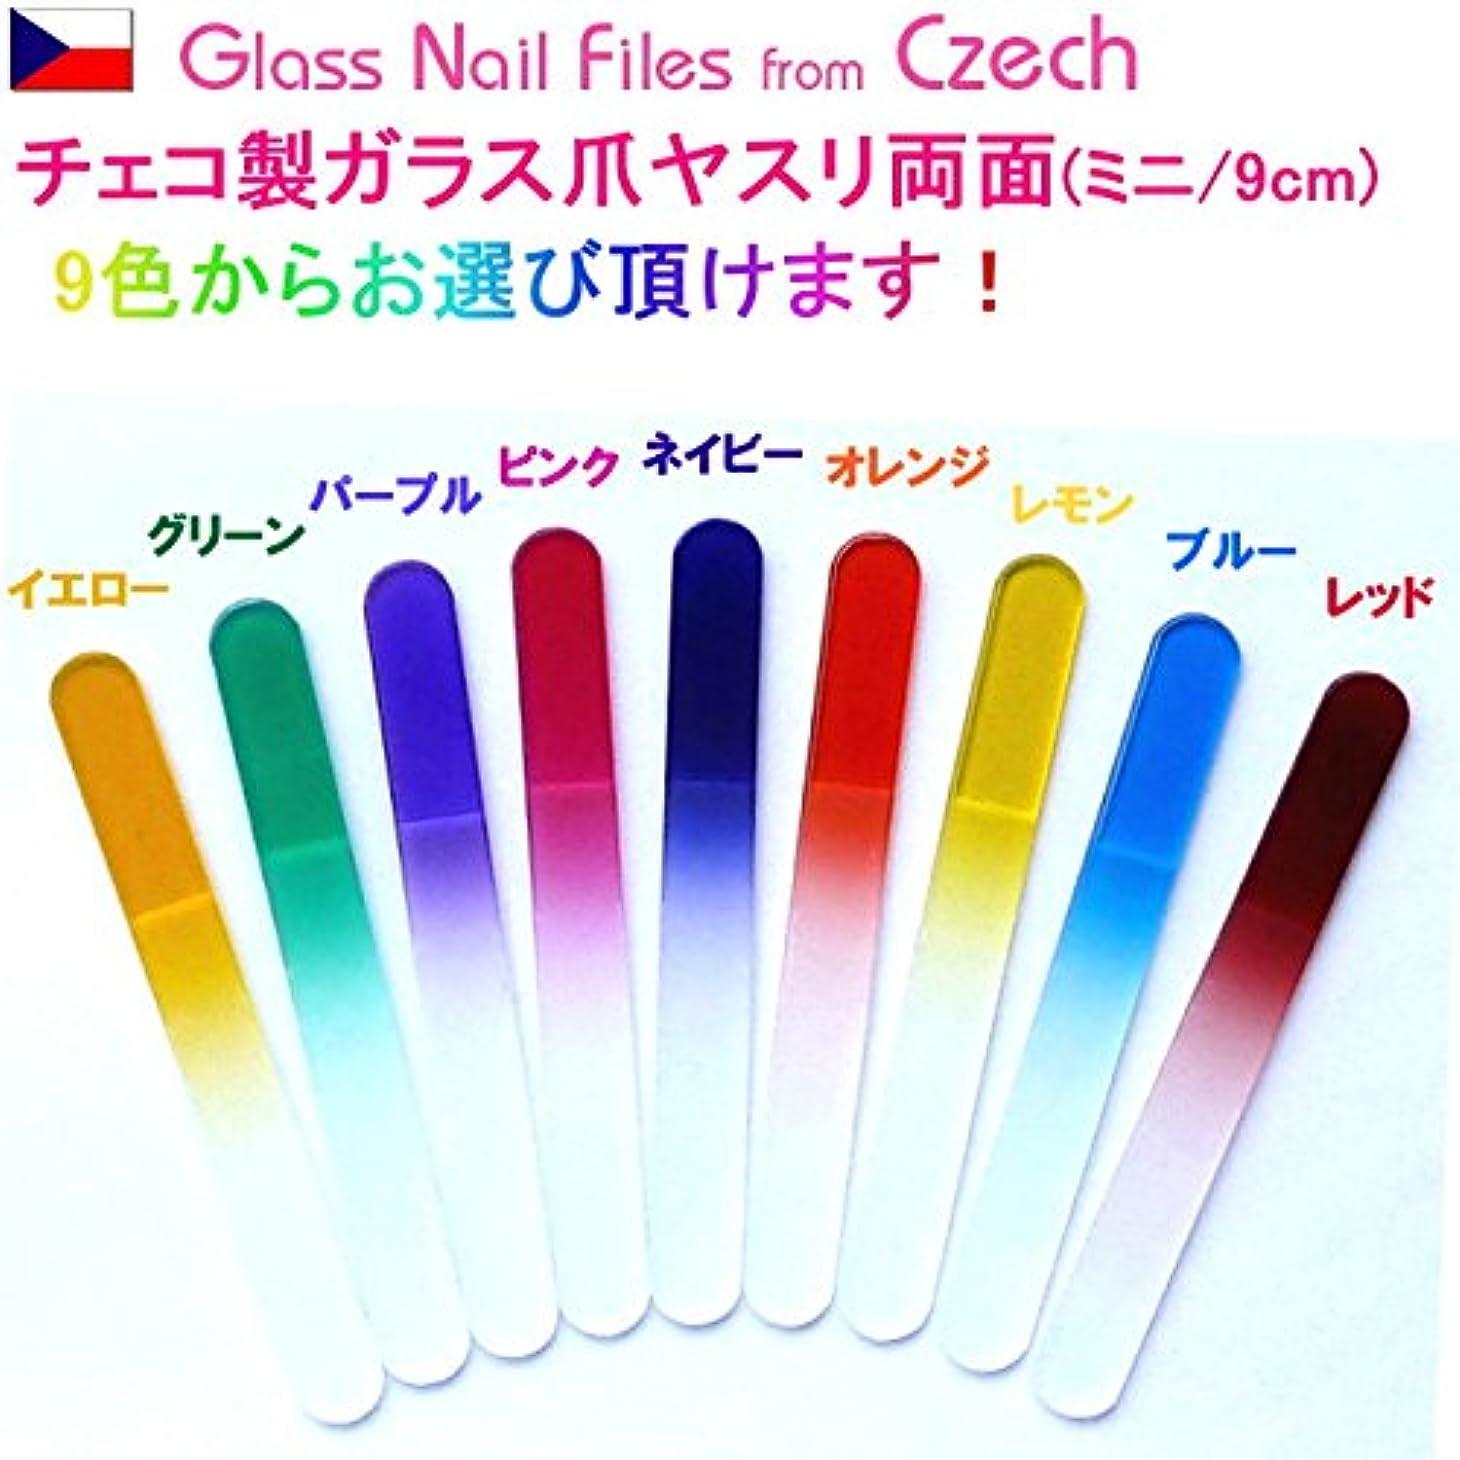 に同意する優しさいうBISON チェコ製ガラス爪ヤスリ 9cm SR ミニ両面仕上げ ネイビー